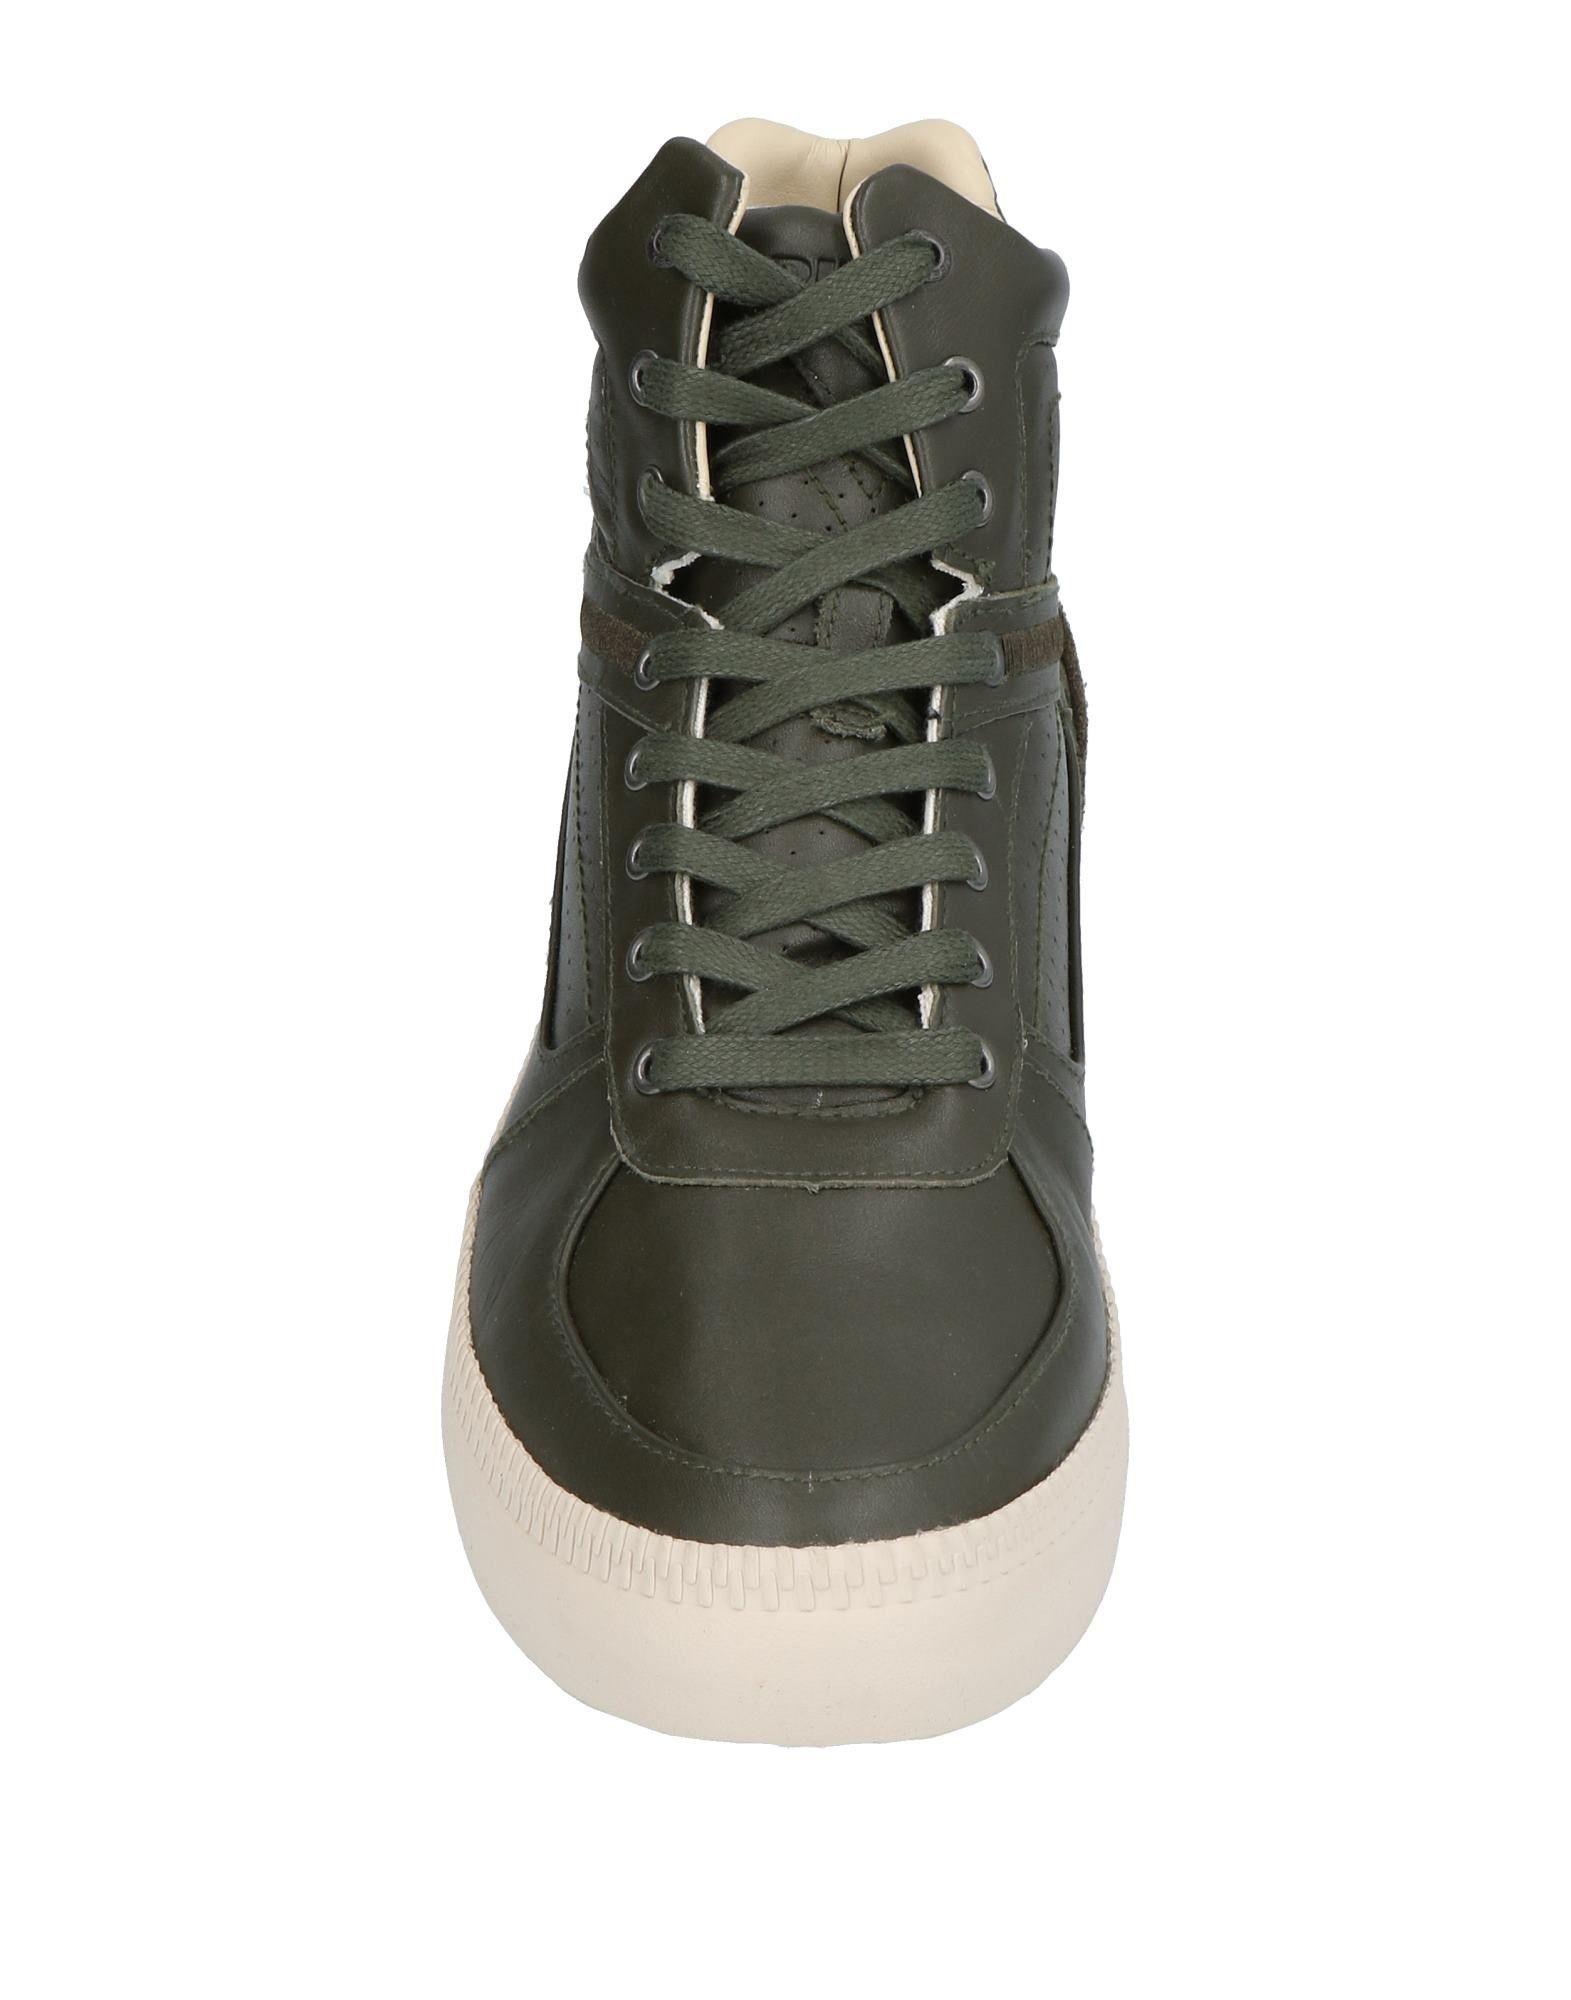 Rabatt echte Schuhe Diesel Sneakers 11423892UD Herren  11423892UD Sneakers e330a1